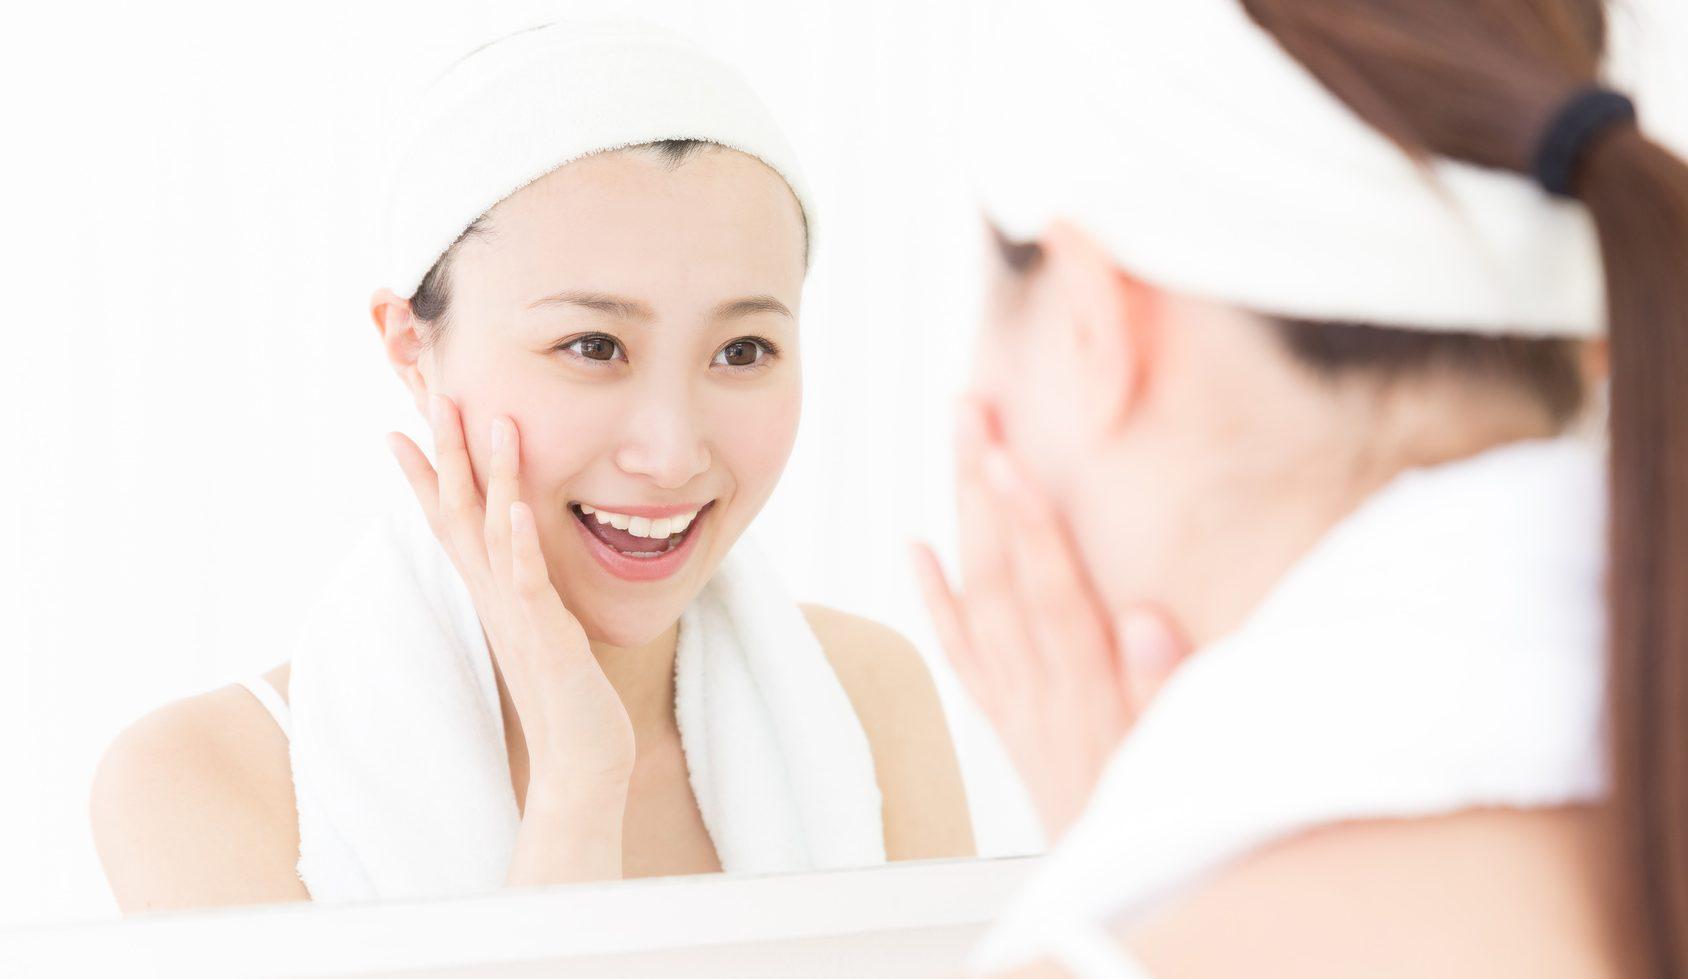 毛穴レスな洗顔